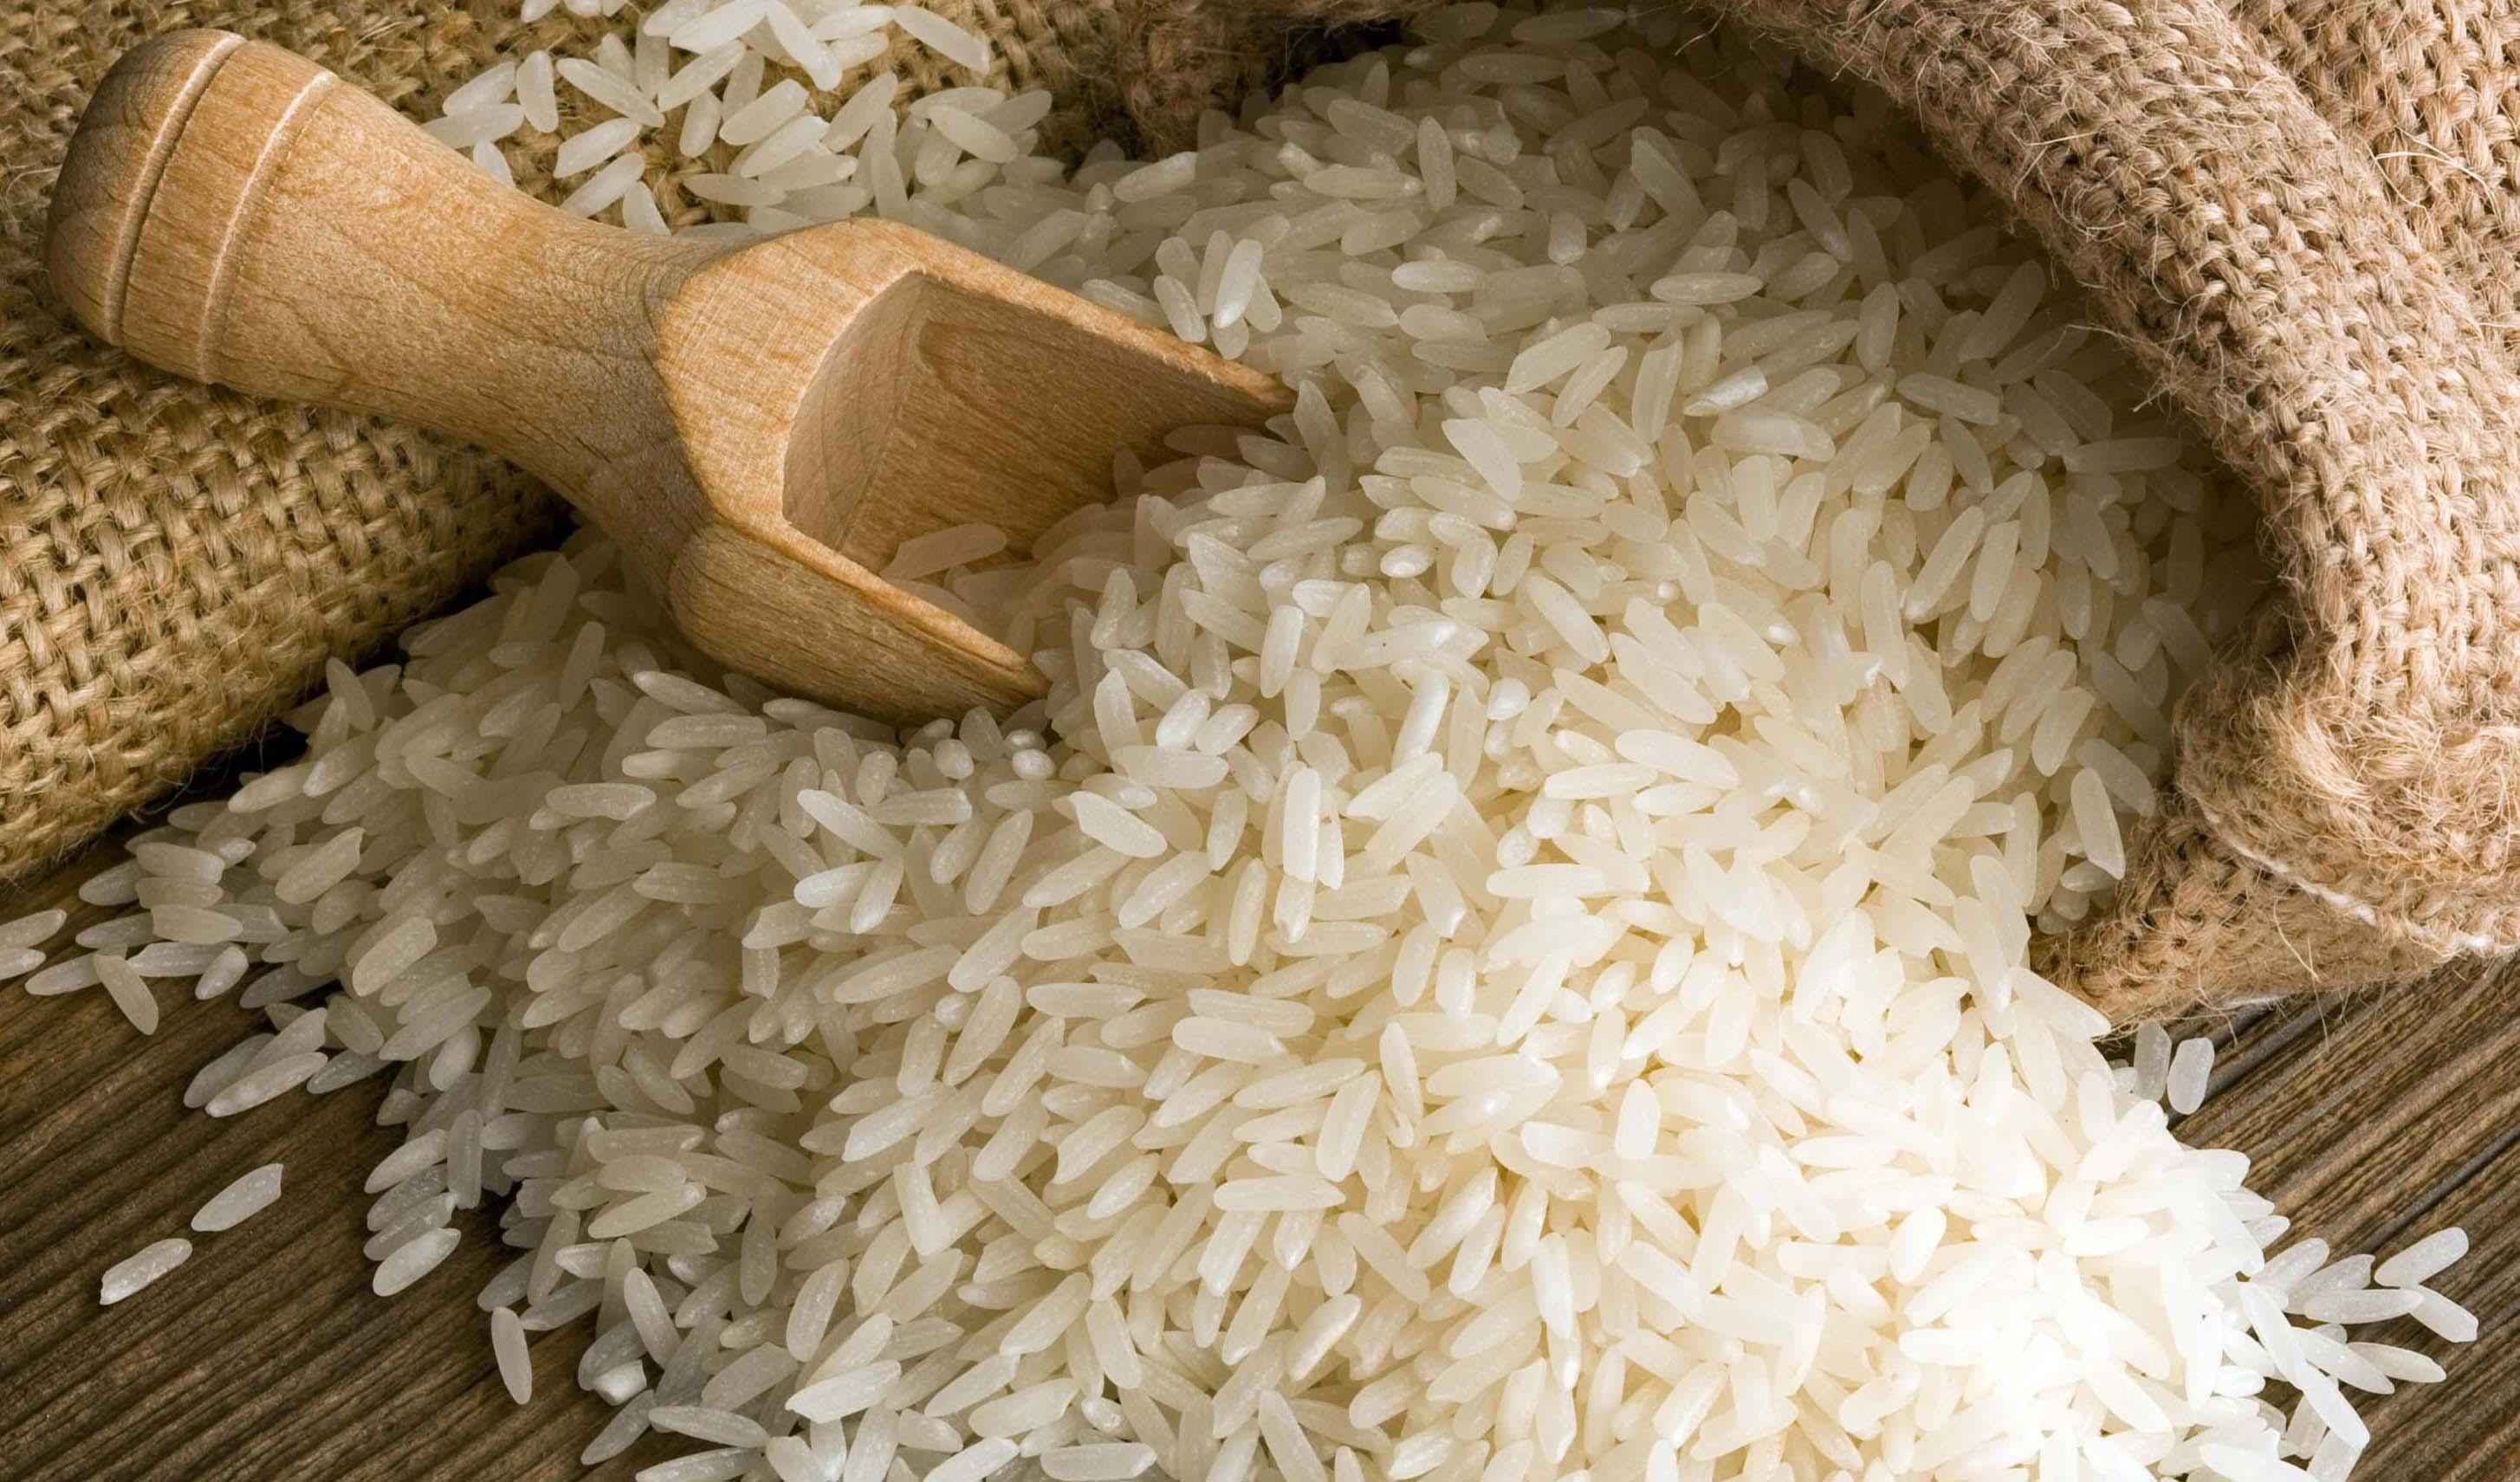 وزارت صنعت: تعرفه برنج سفید وارداتی ۱۰ درصد باقی ماند